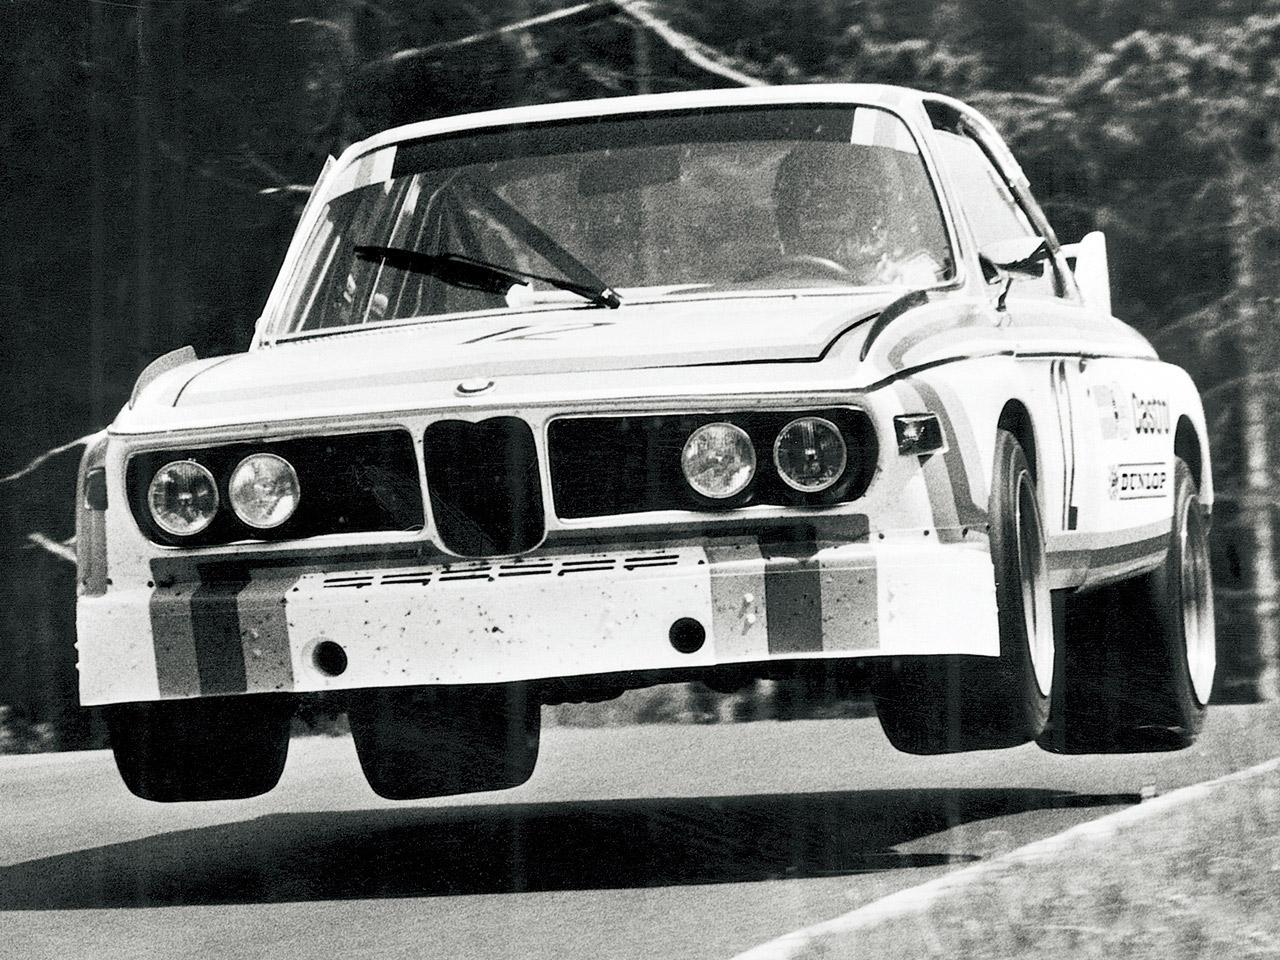 bmw_3-0-csl-racing-car-e9_r3_jpg.jpg